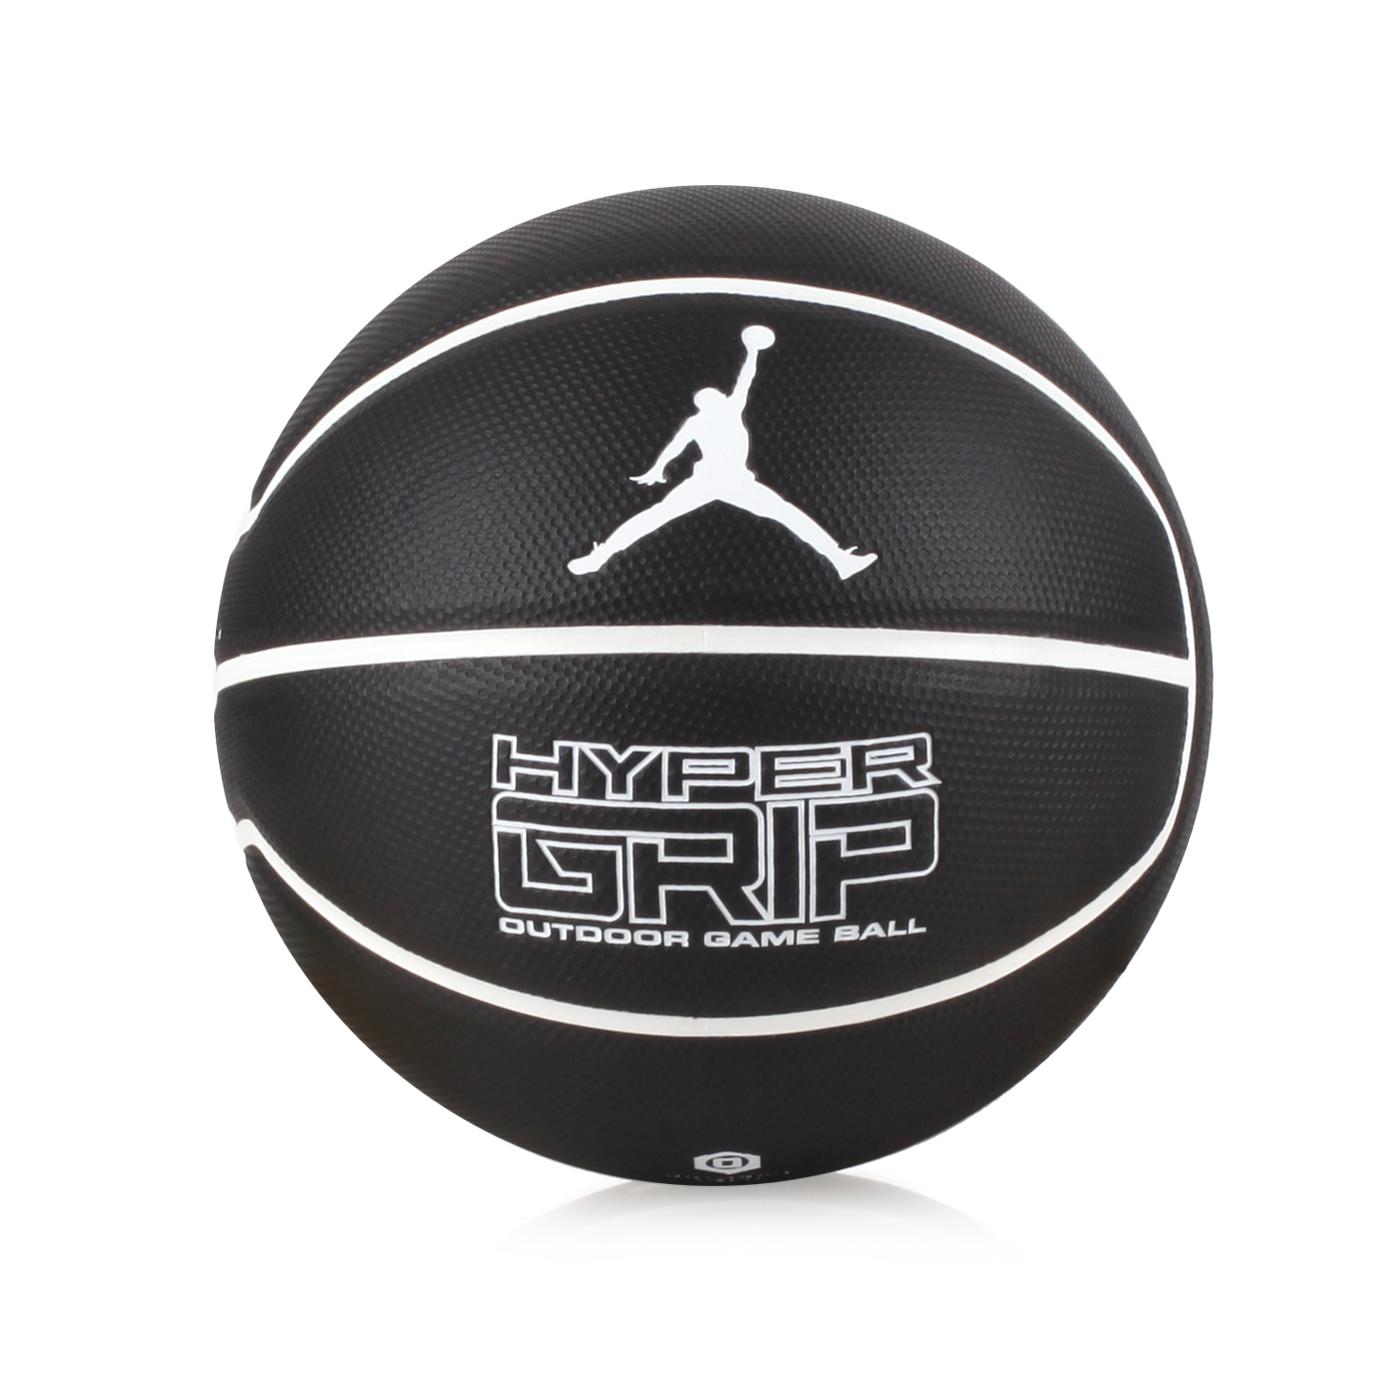 NIKE JORDAN HYPER GRIP 4P 7號籃球 J000184409207